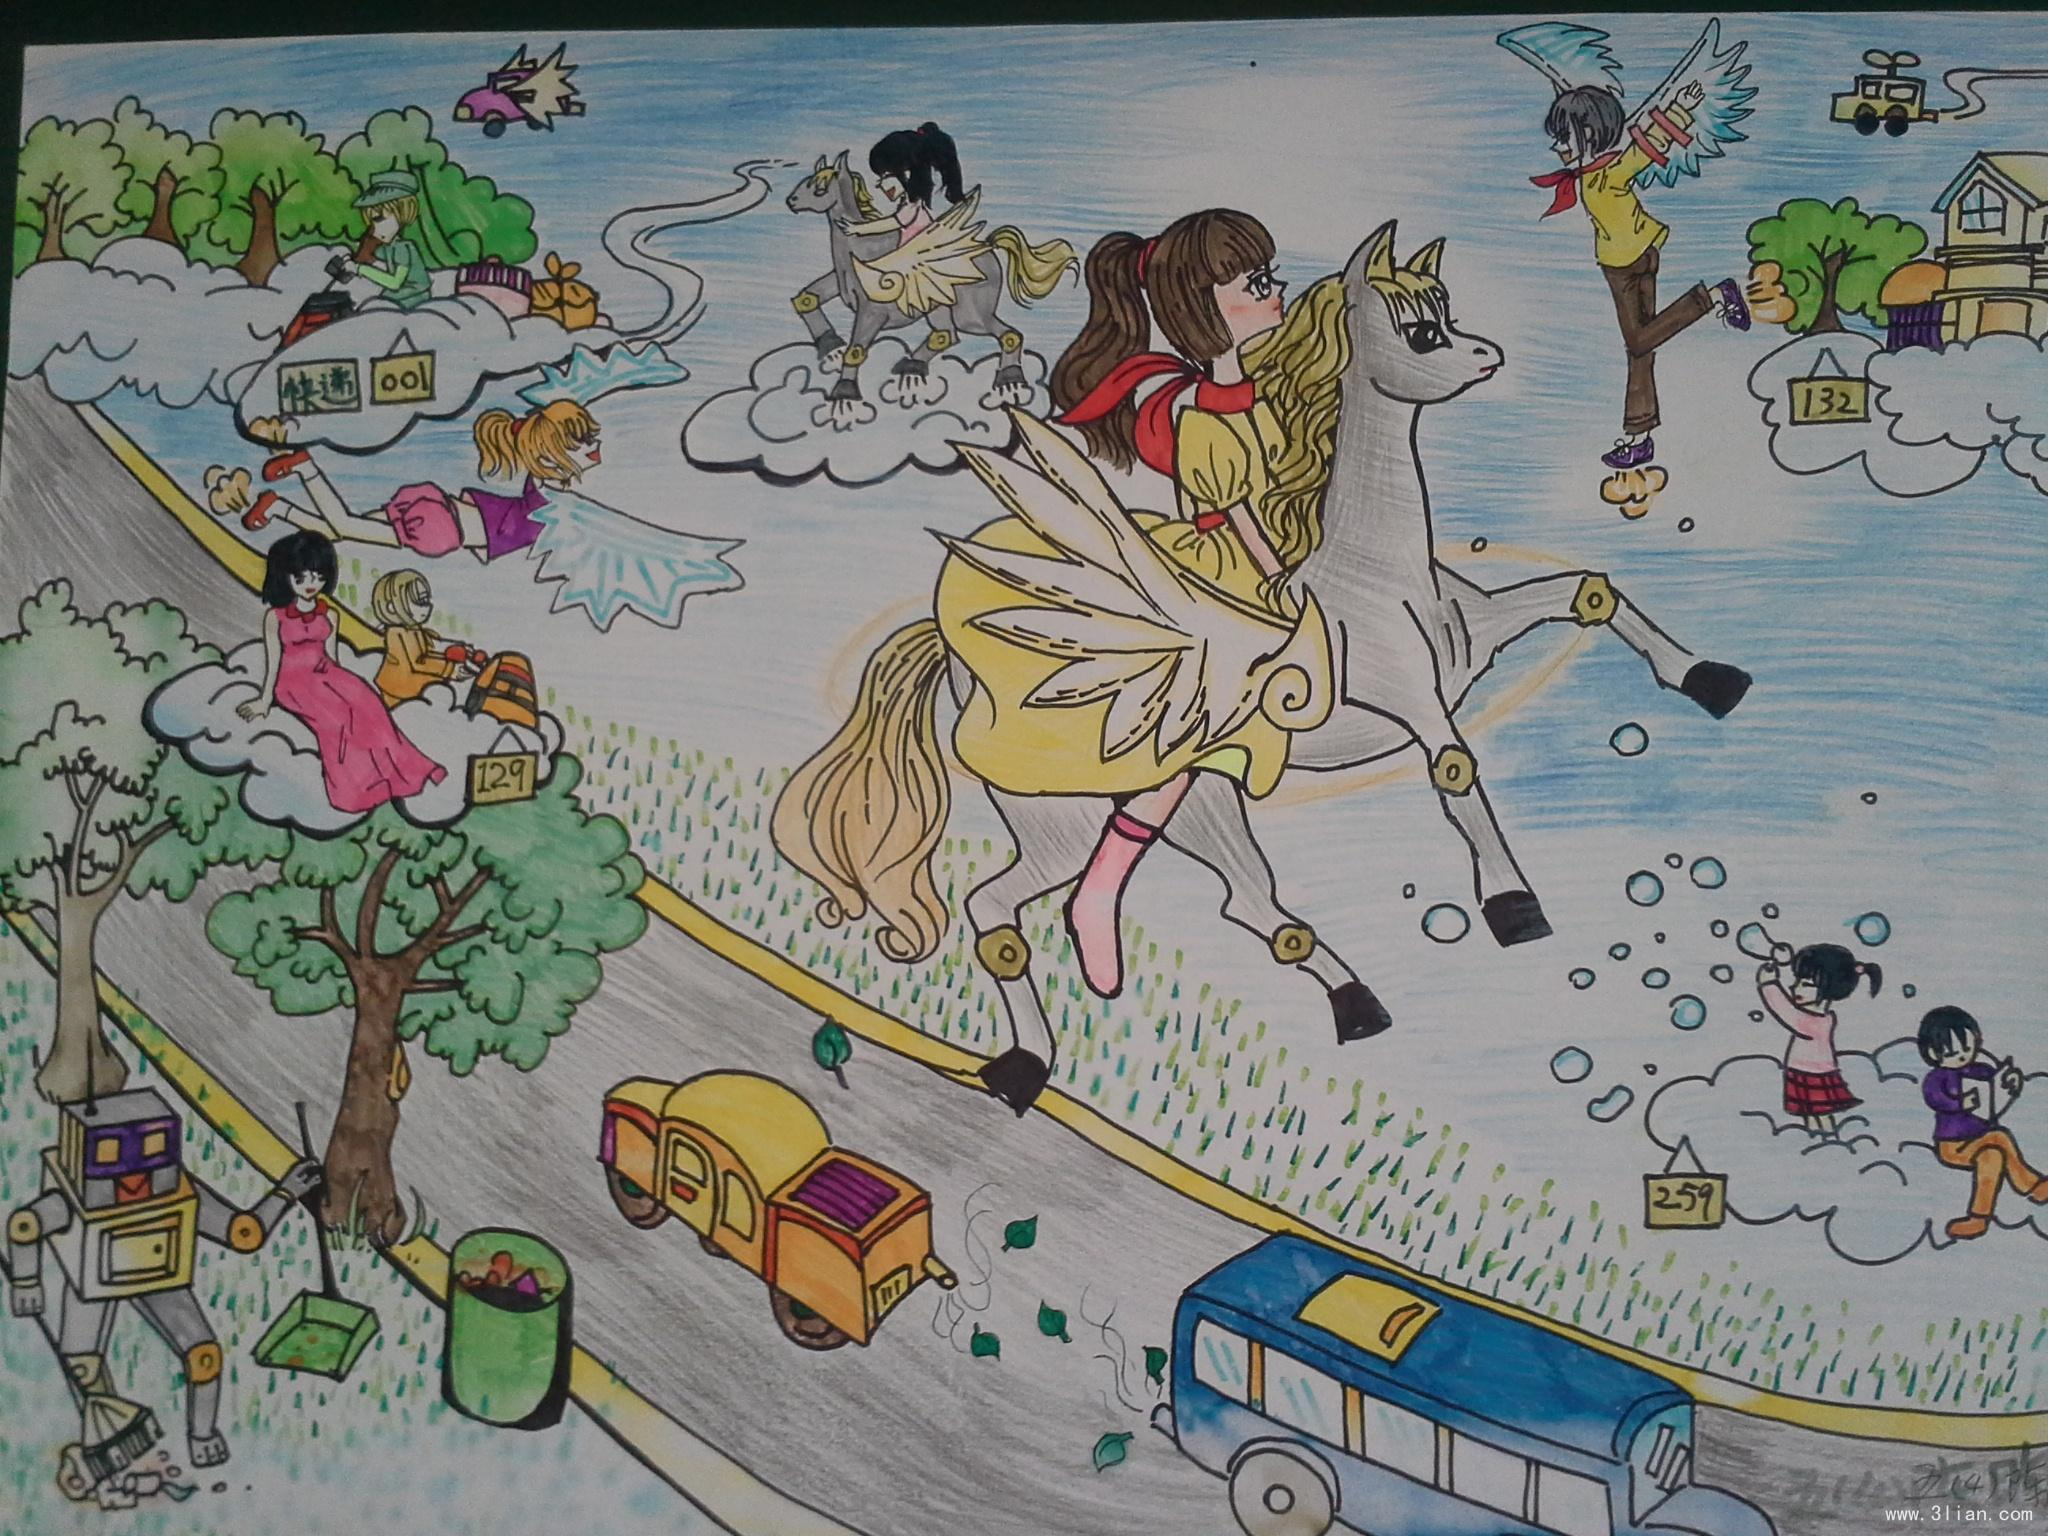 未来世界花园_东莞未来世界花园_未来世界儿童画